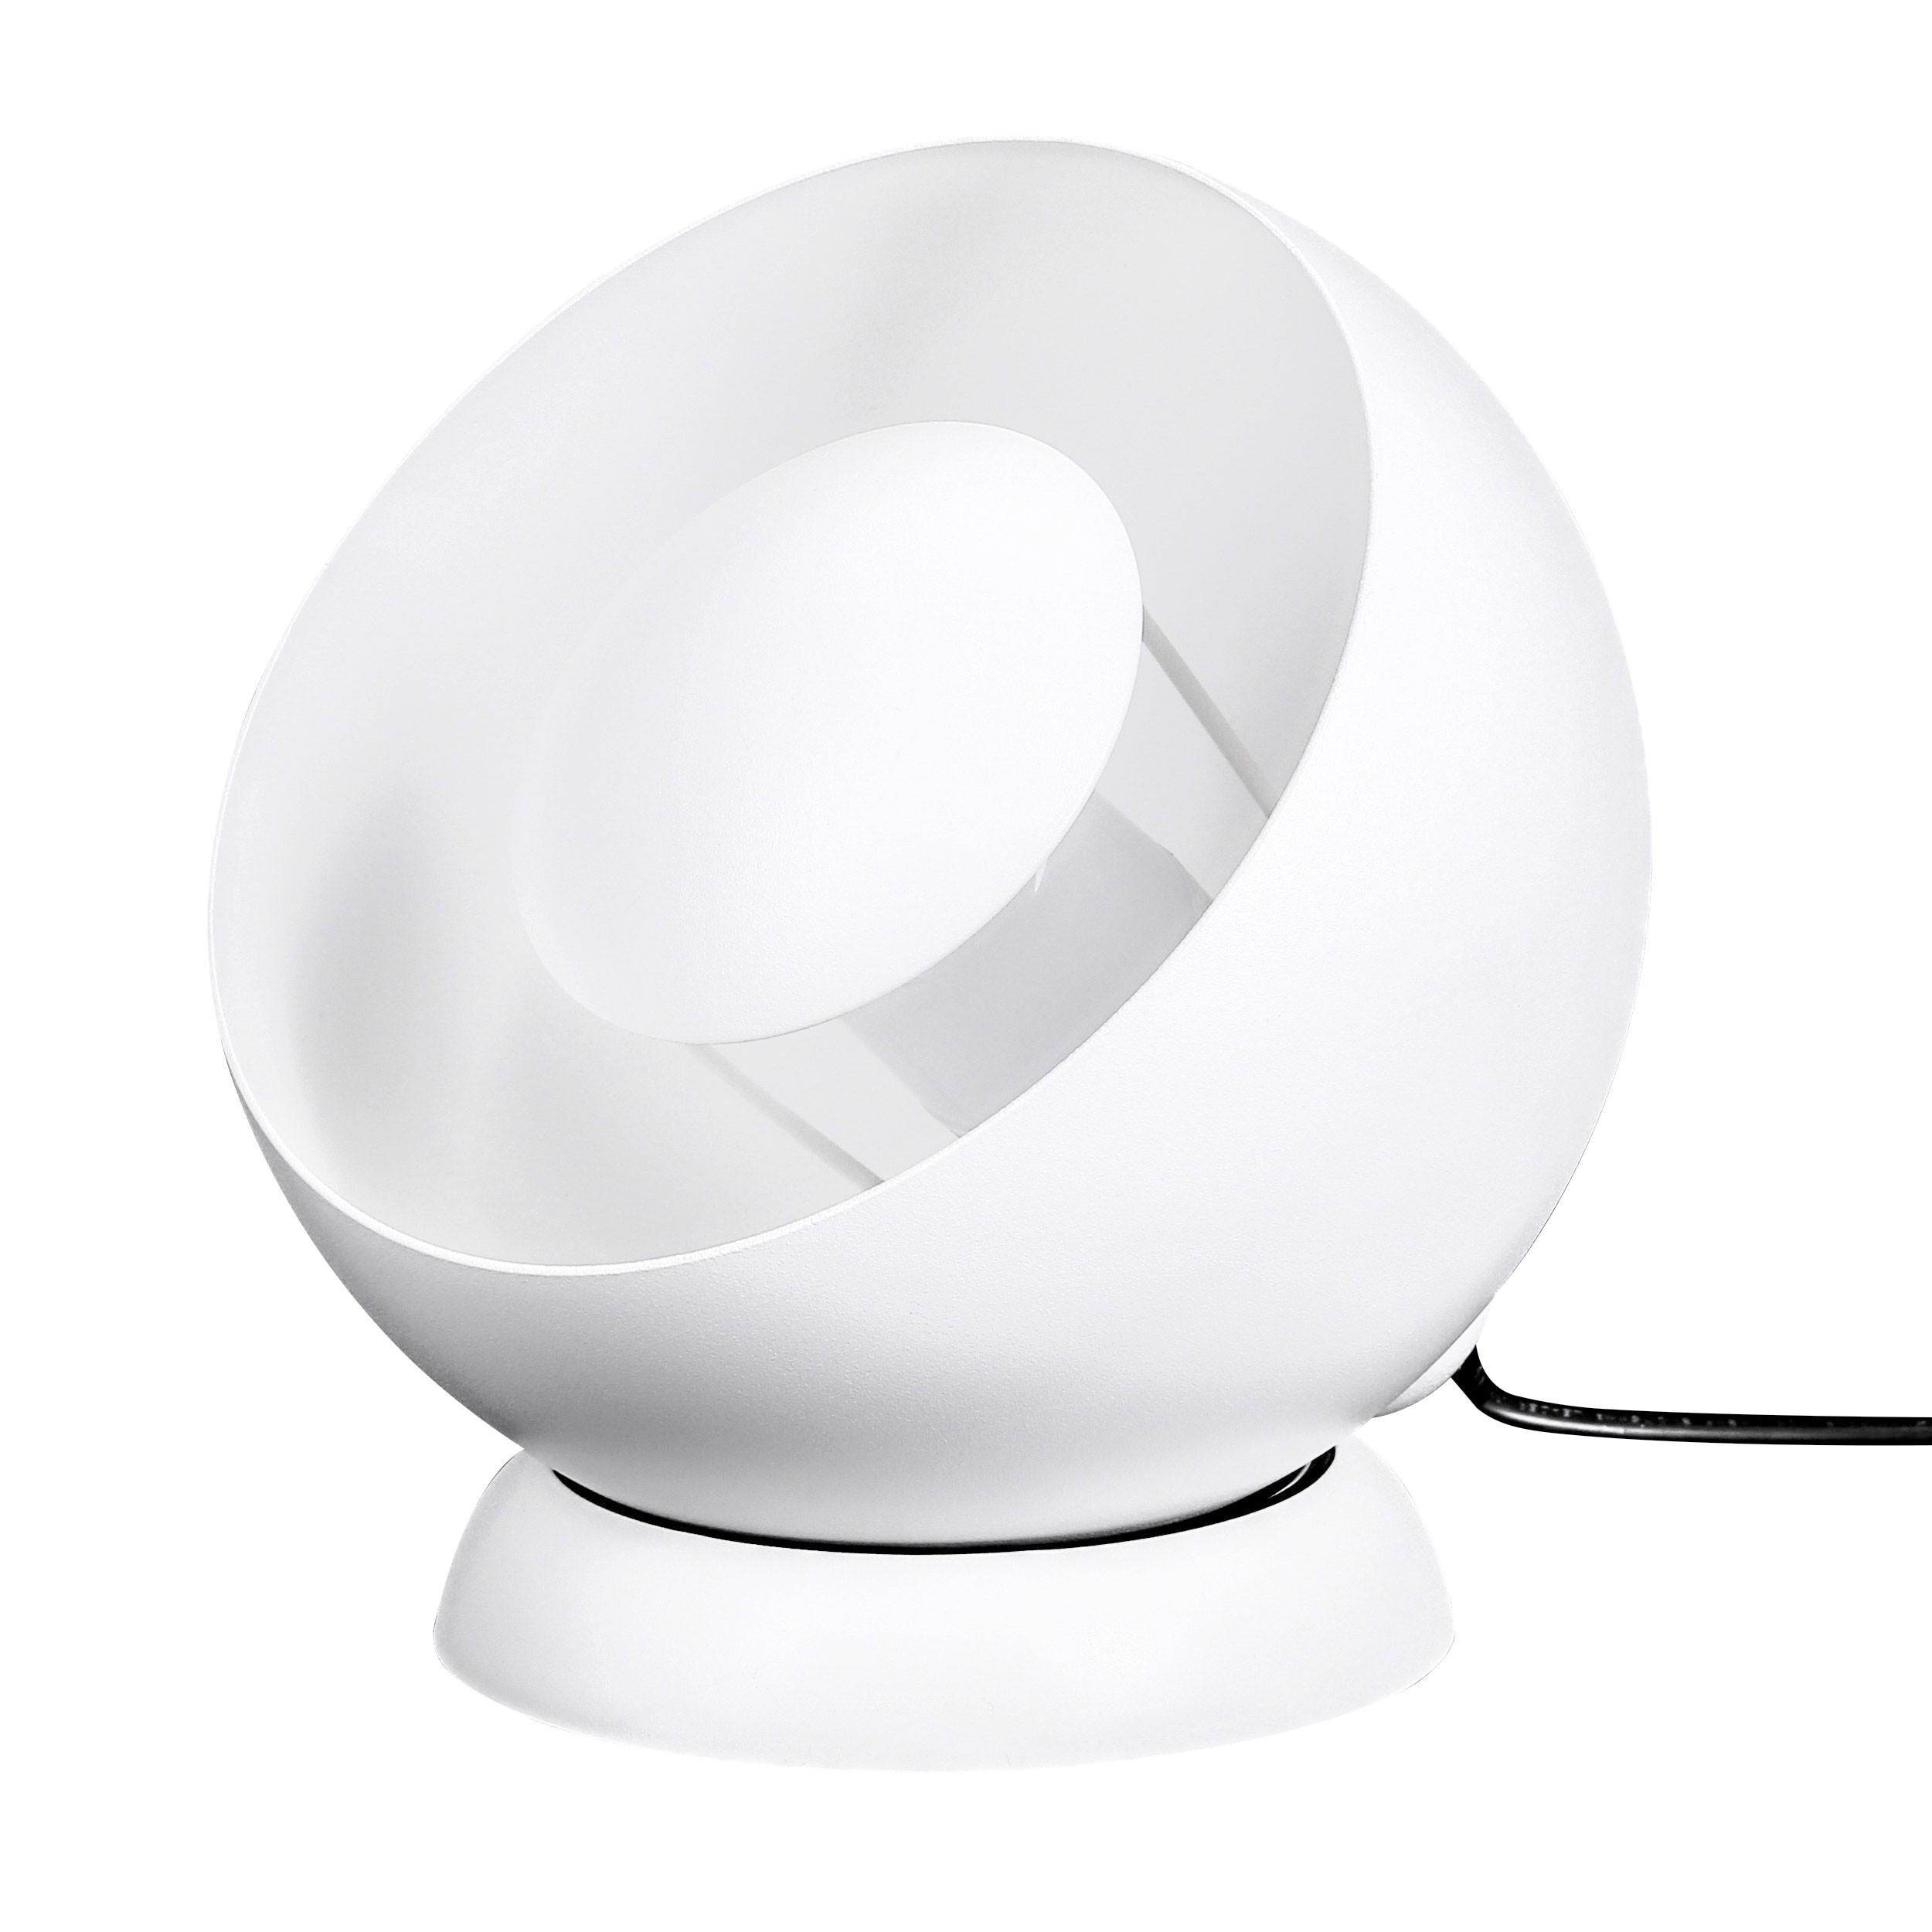 lampe louise blanche cm choisissez nos lampes louise blanches cm rdv d co. Black Bedroom Furniture Sets. Home Design Ideas